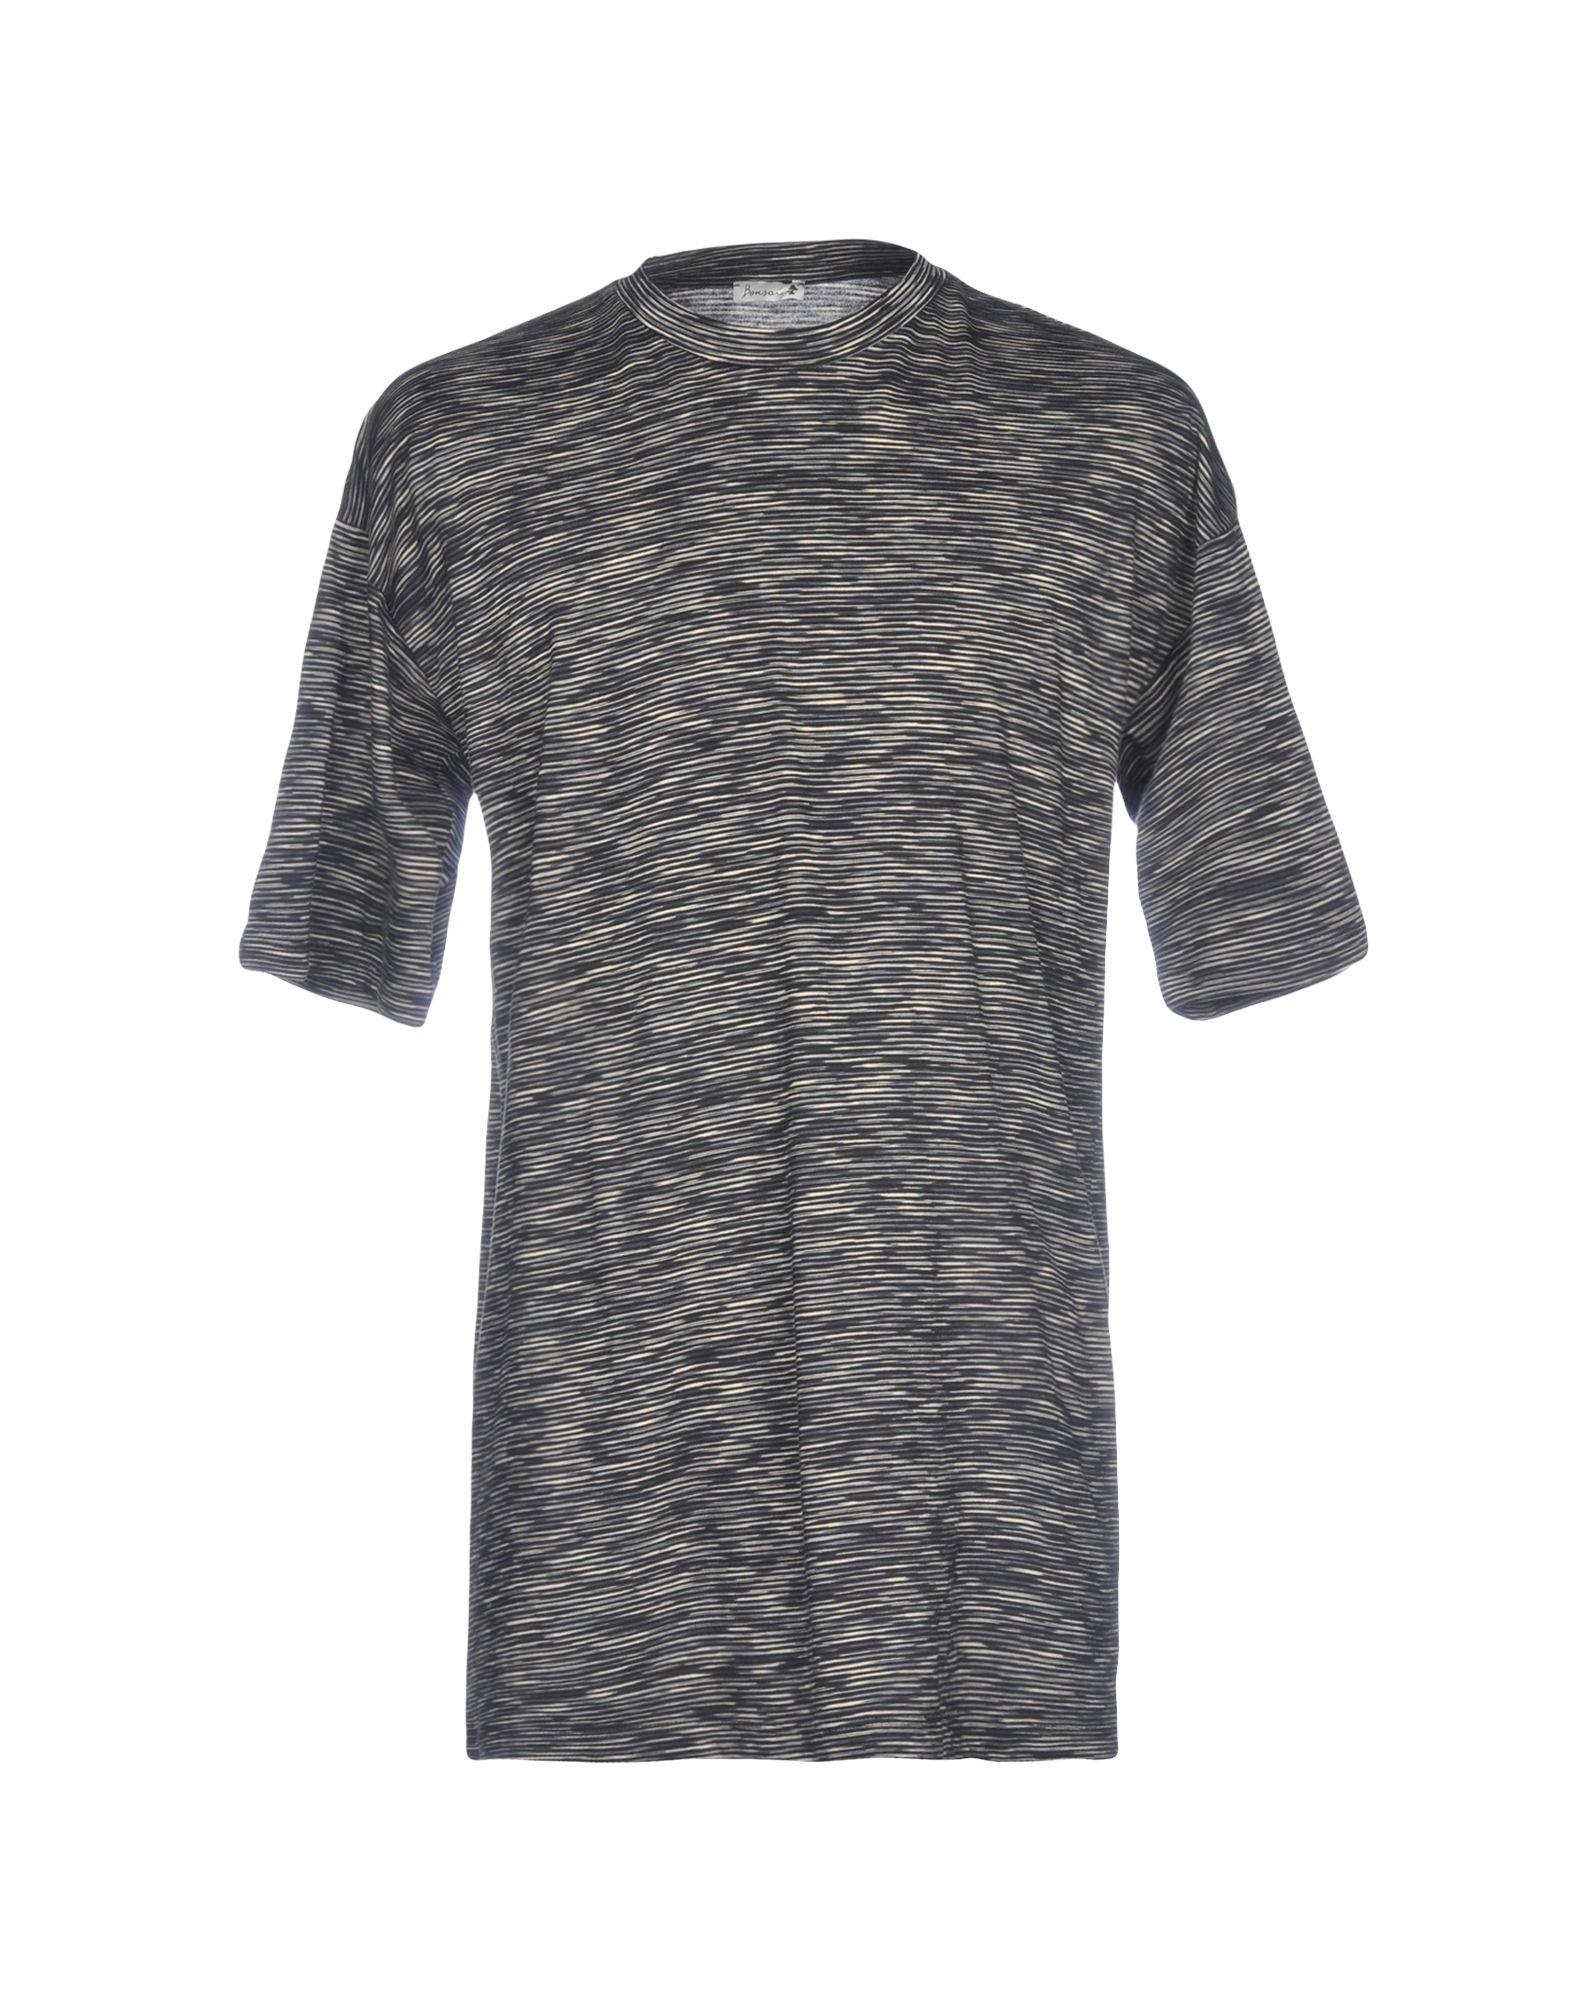 《送料無料》BONSAI メンズ T シャツ ブラック M コットン 100%